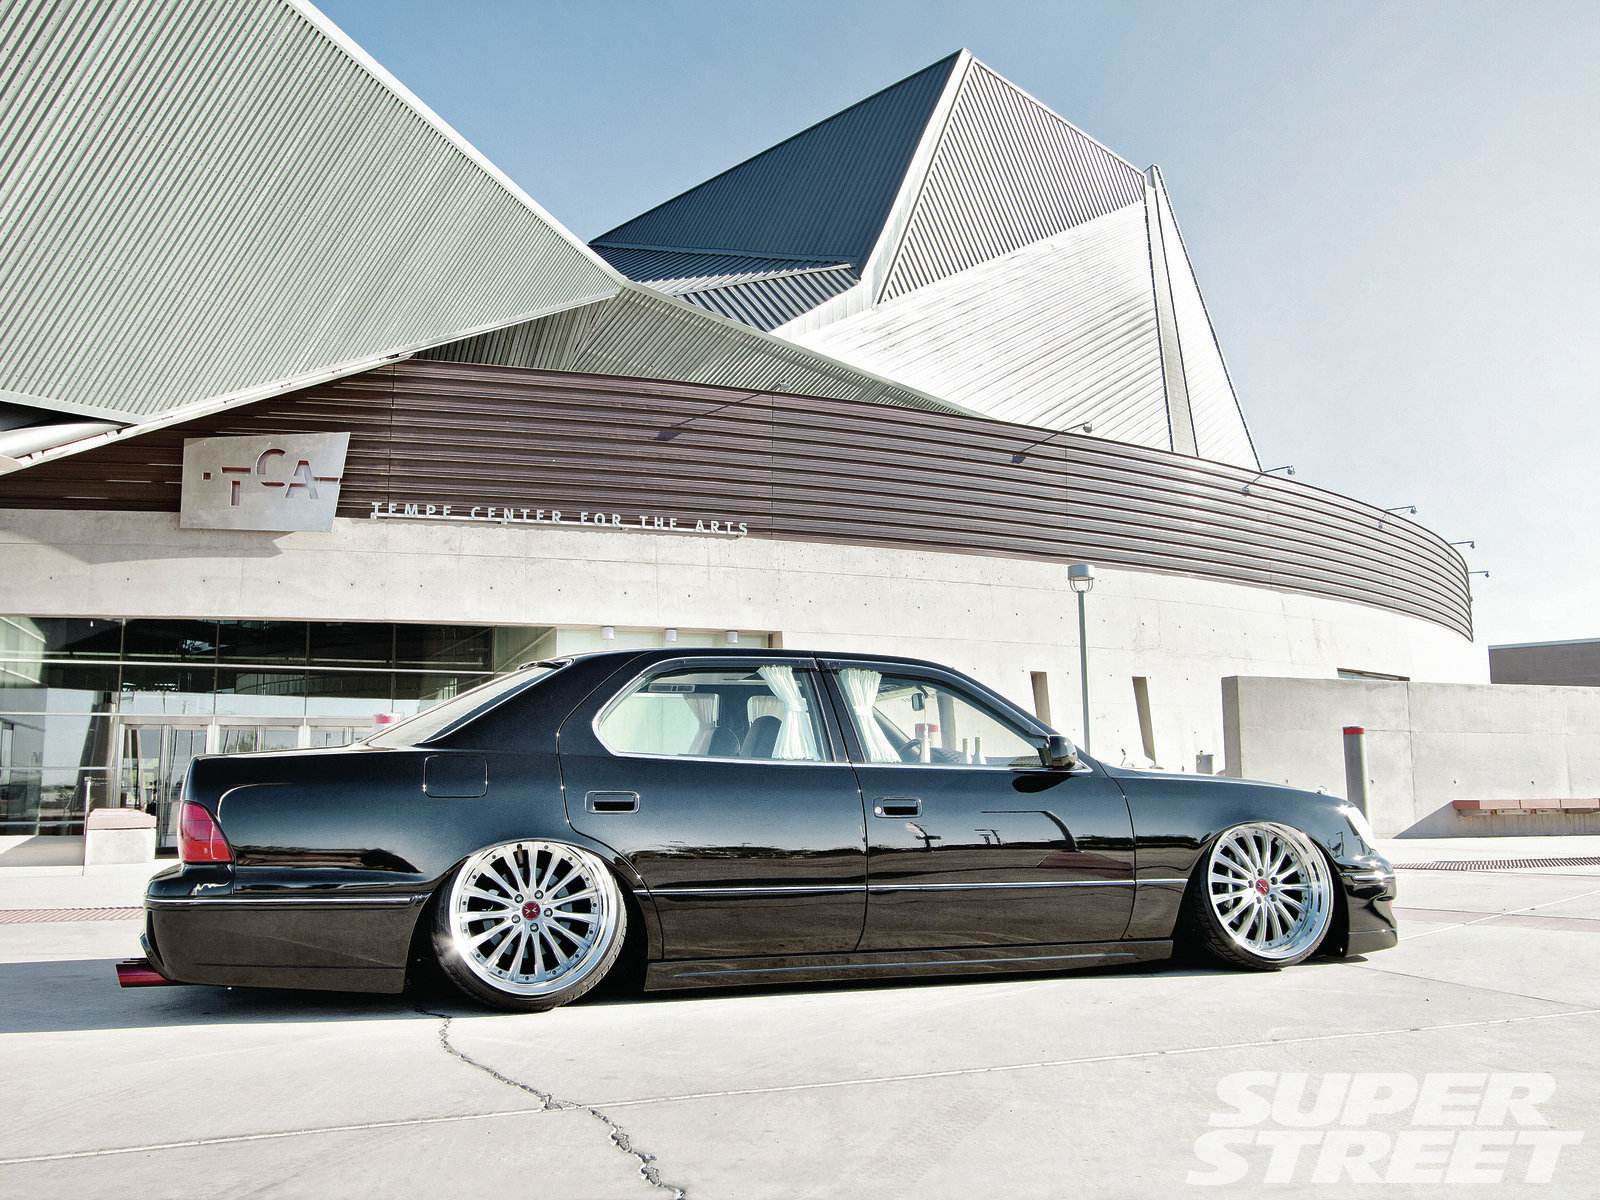 1999 Lexus Ls 400 Image 7